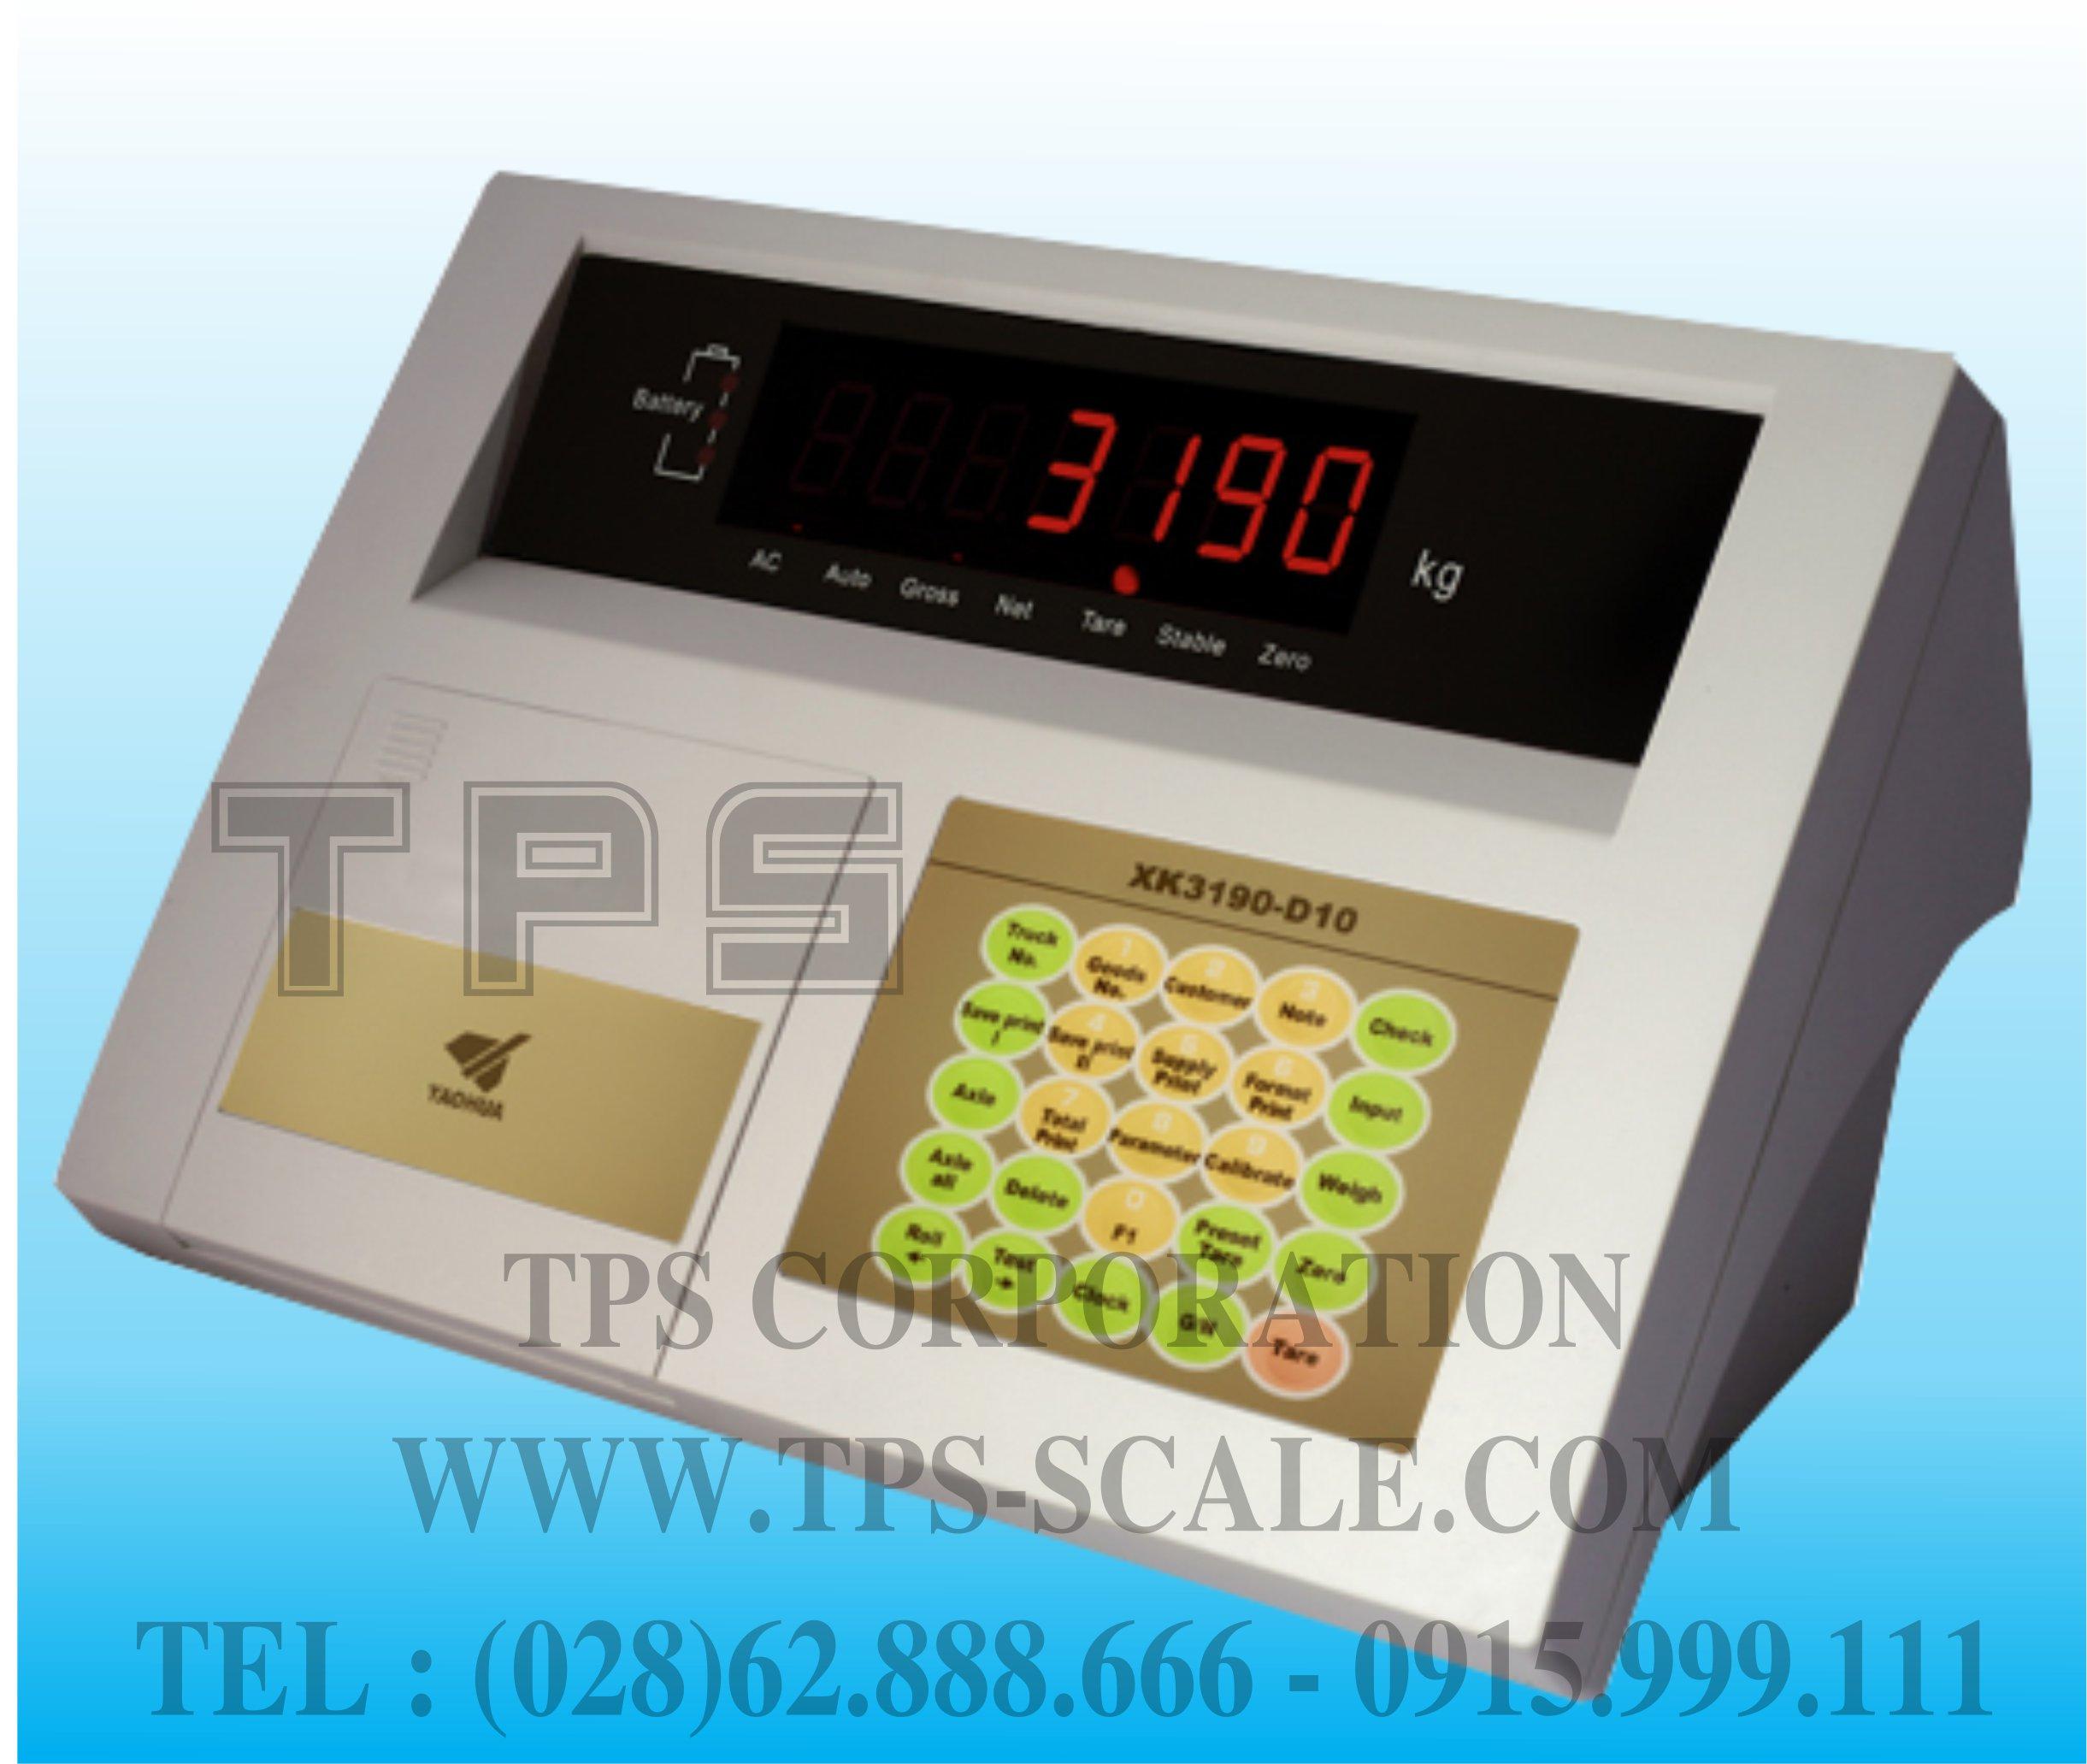 Bộ chỉ thị D10 - 603